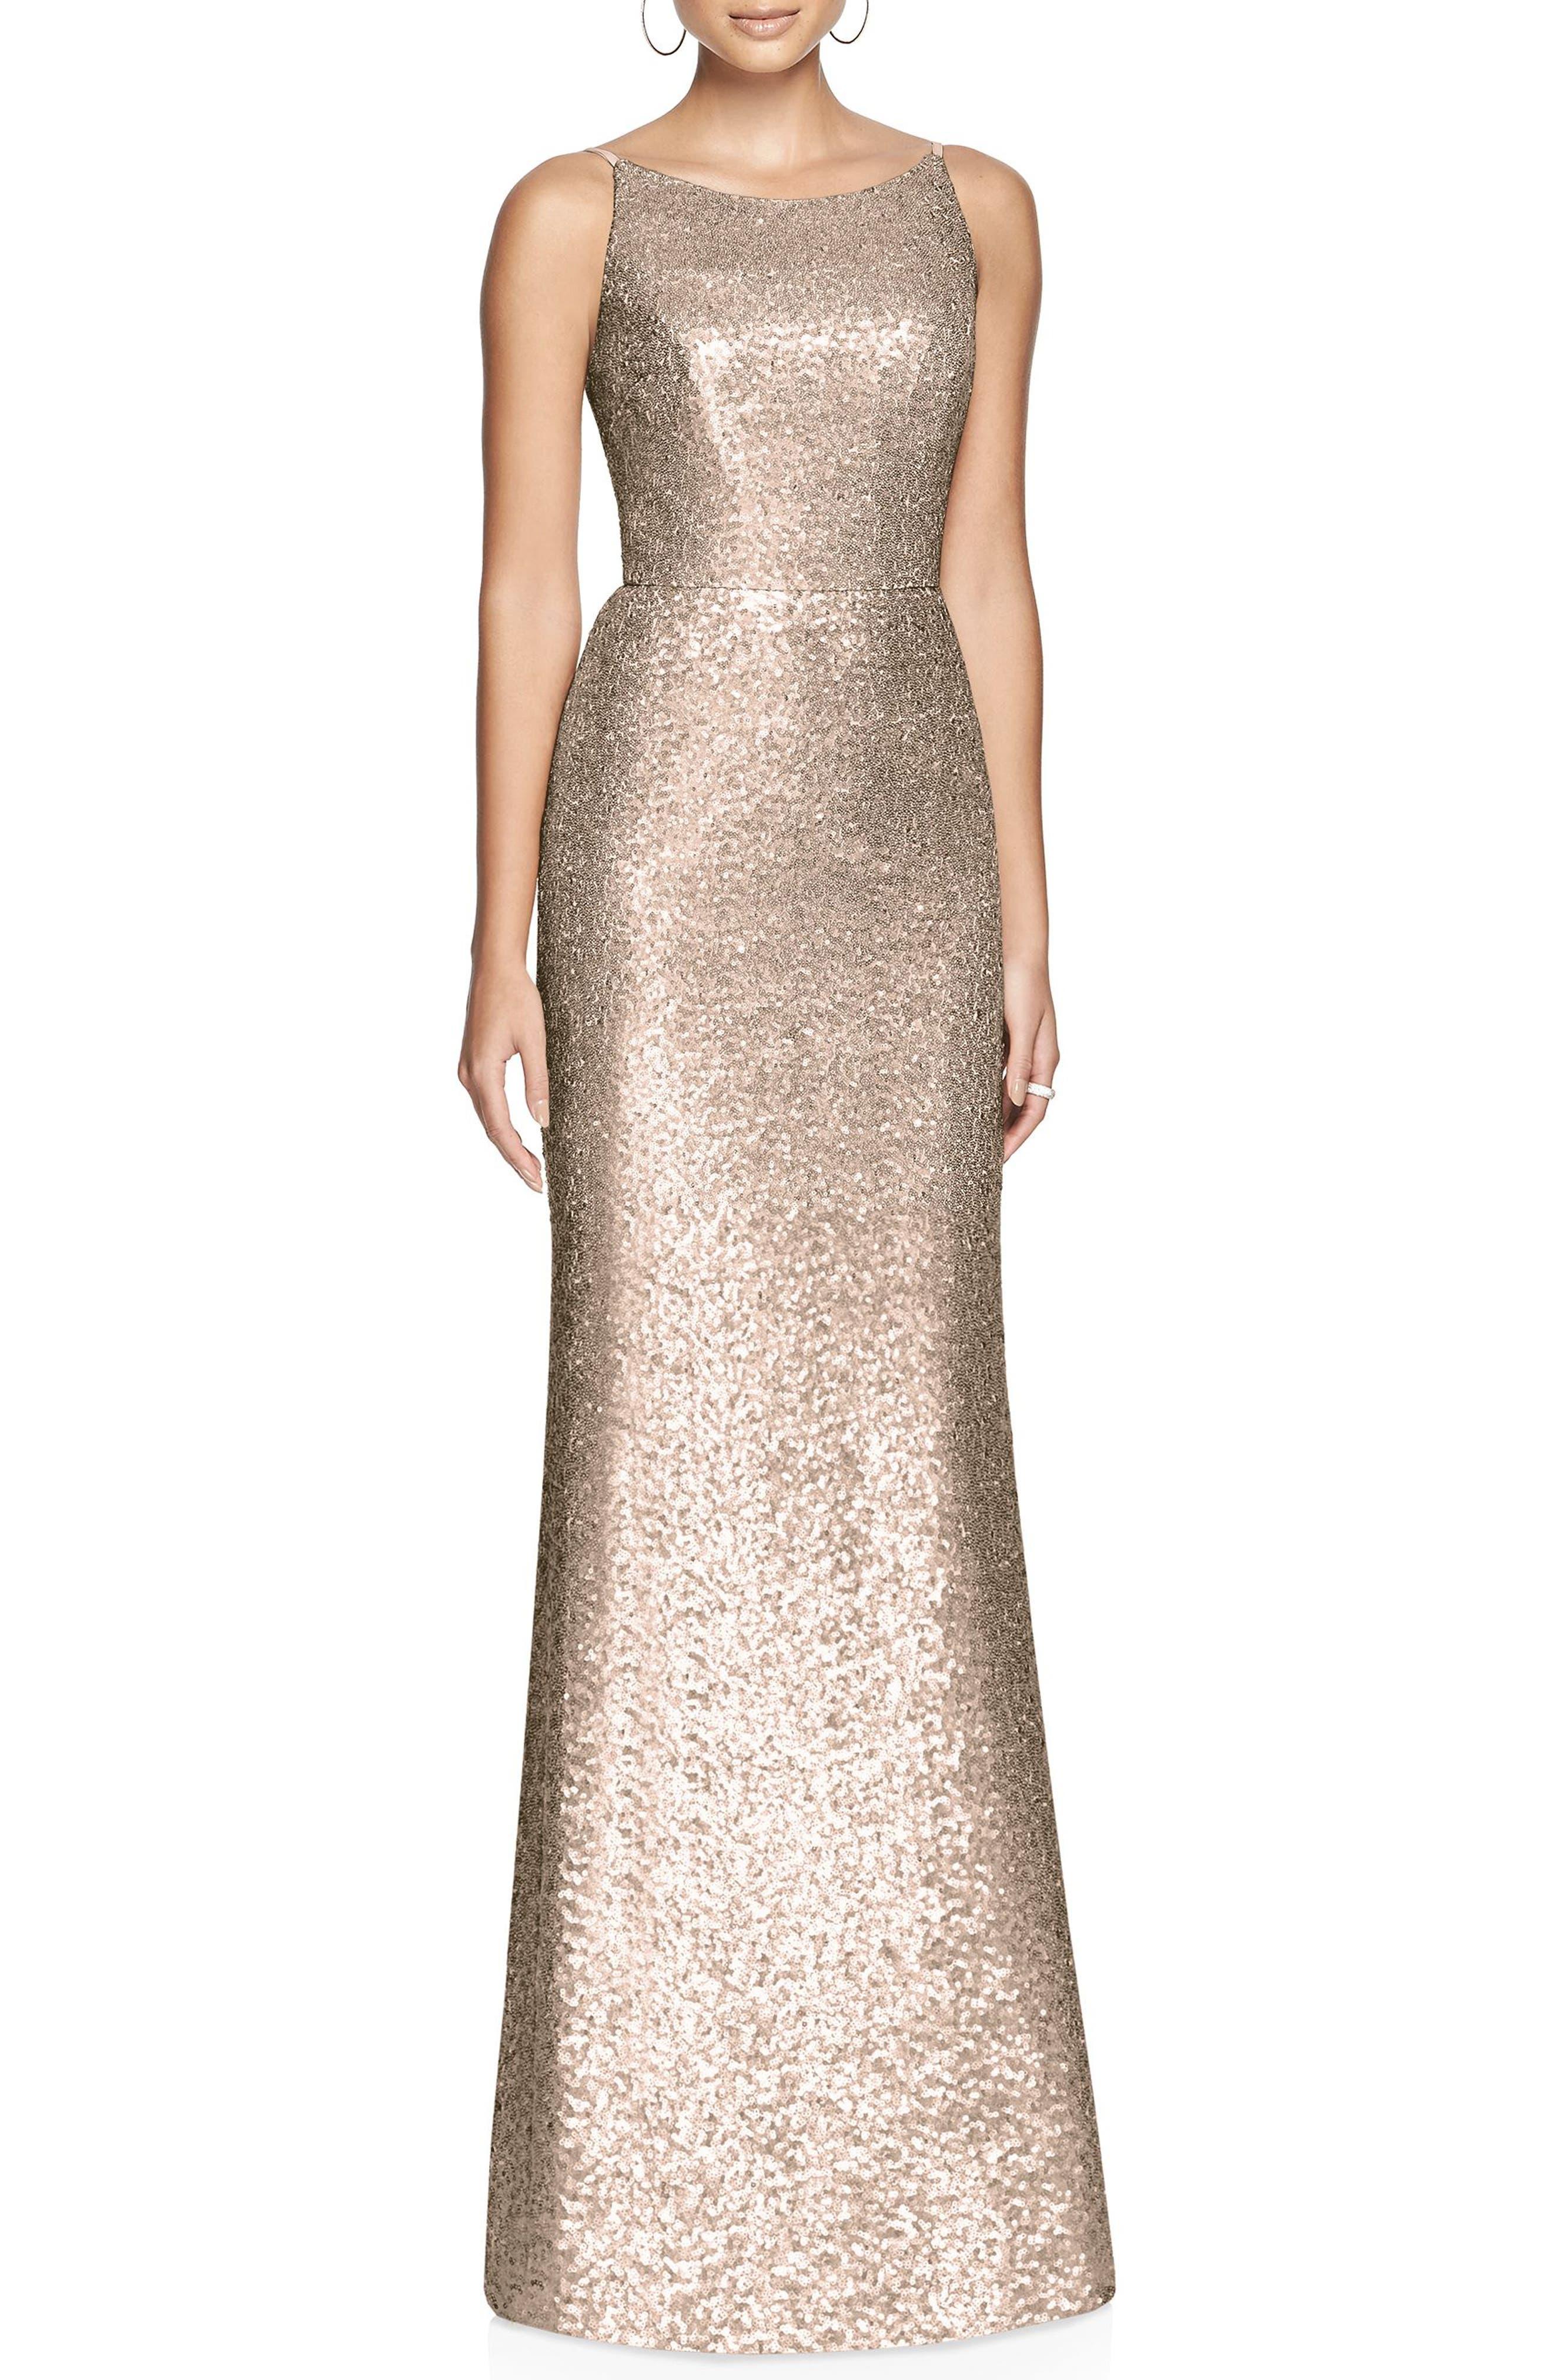 Bateau Neck Sequin Gown,                             Main thumbnail 1, color,                             ROSE GOLD